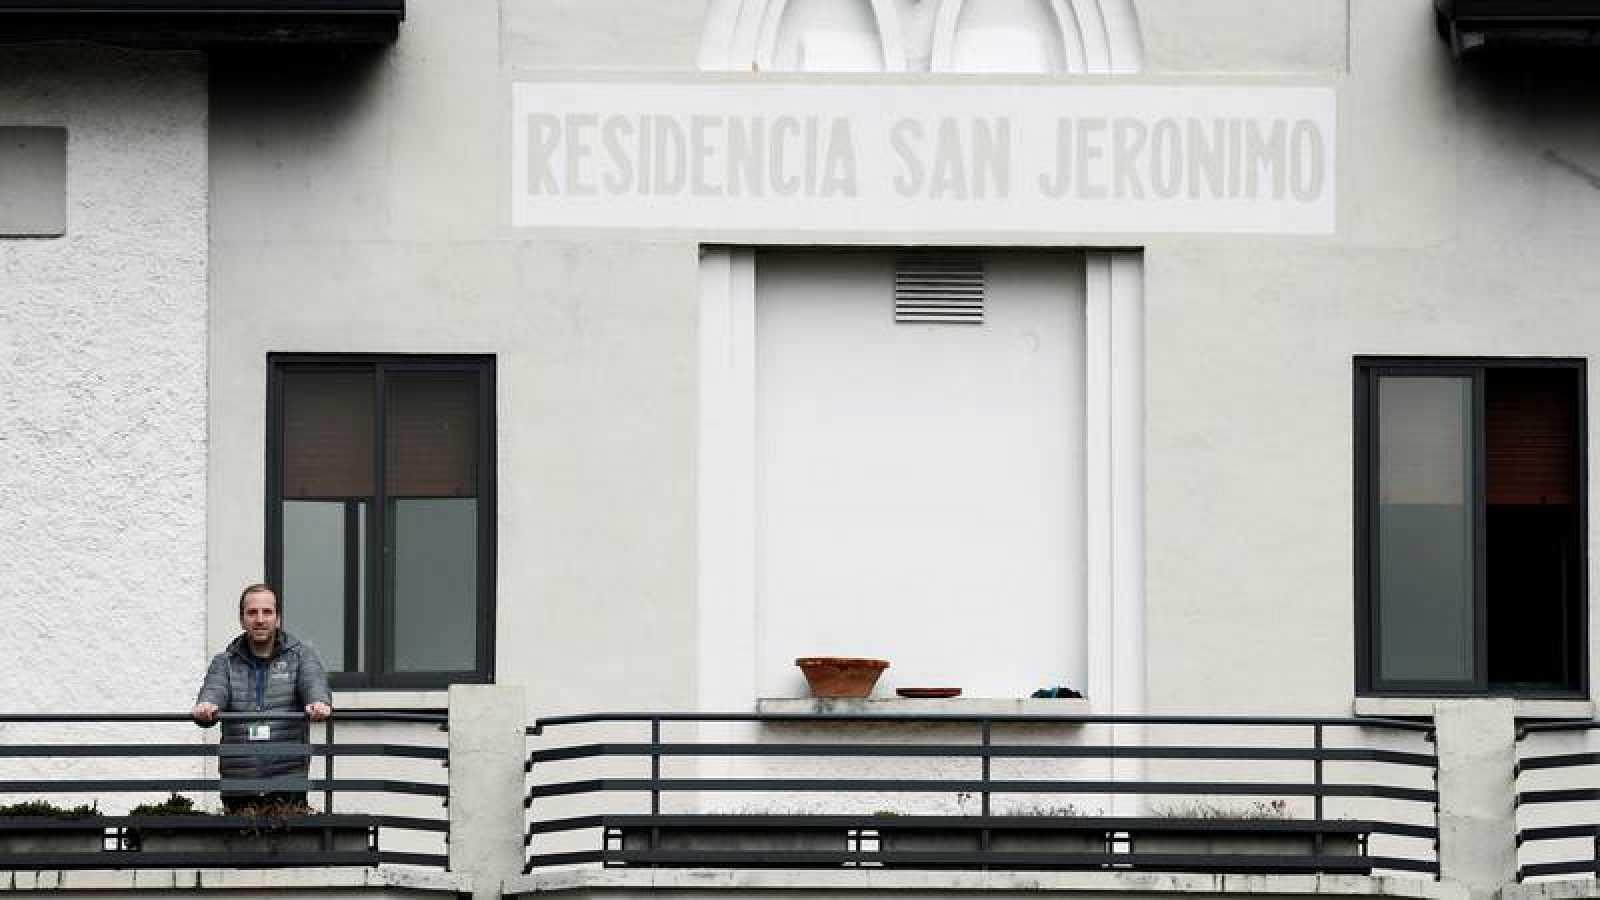 Trabajadores de una residencia de Estella decidieron encerrarse para evitar la rotación del personal